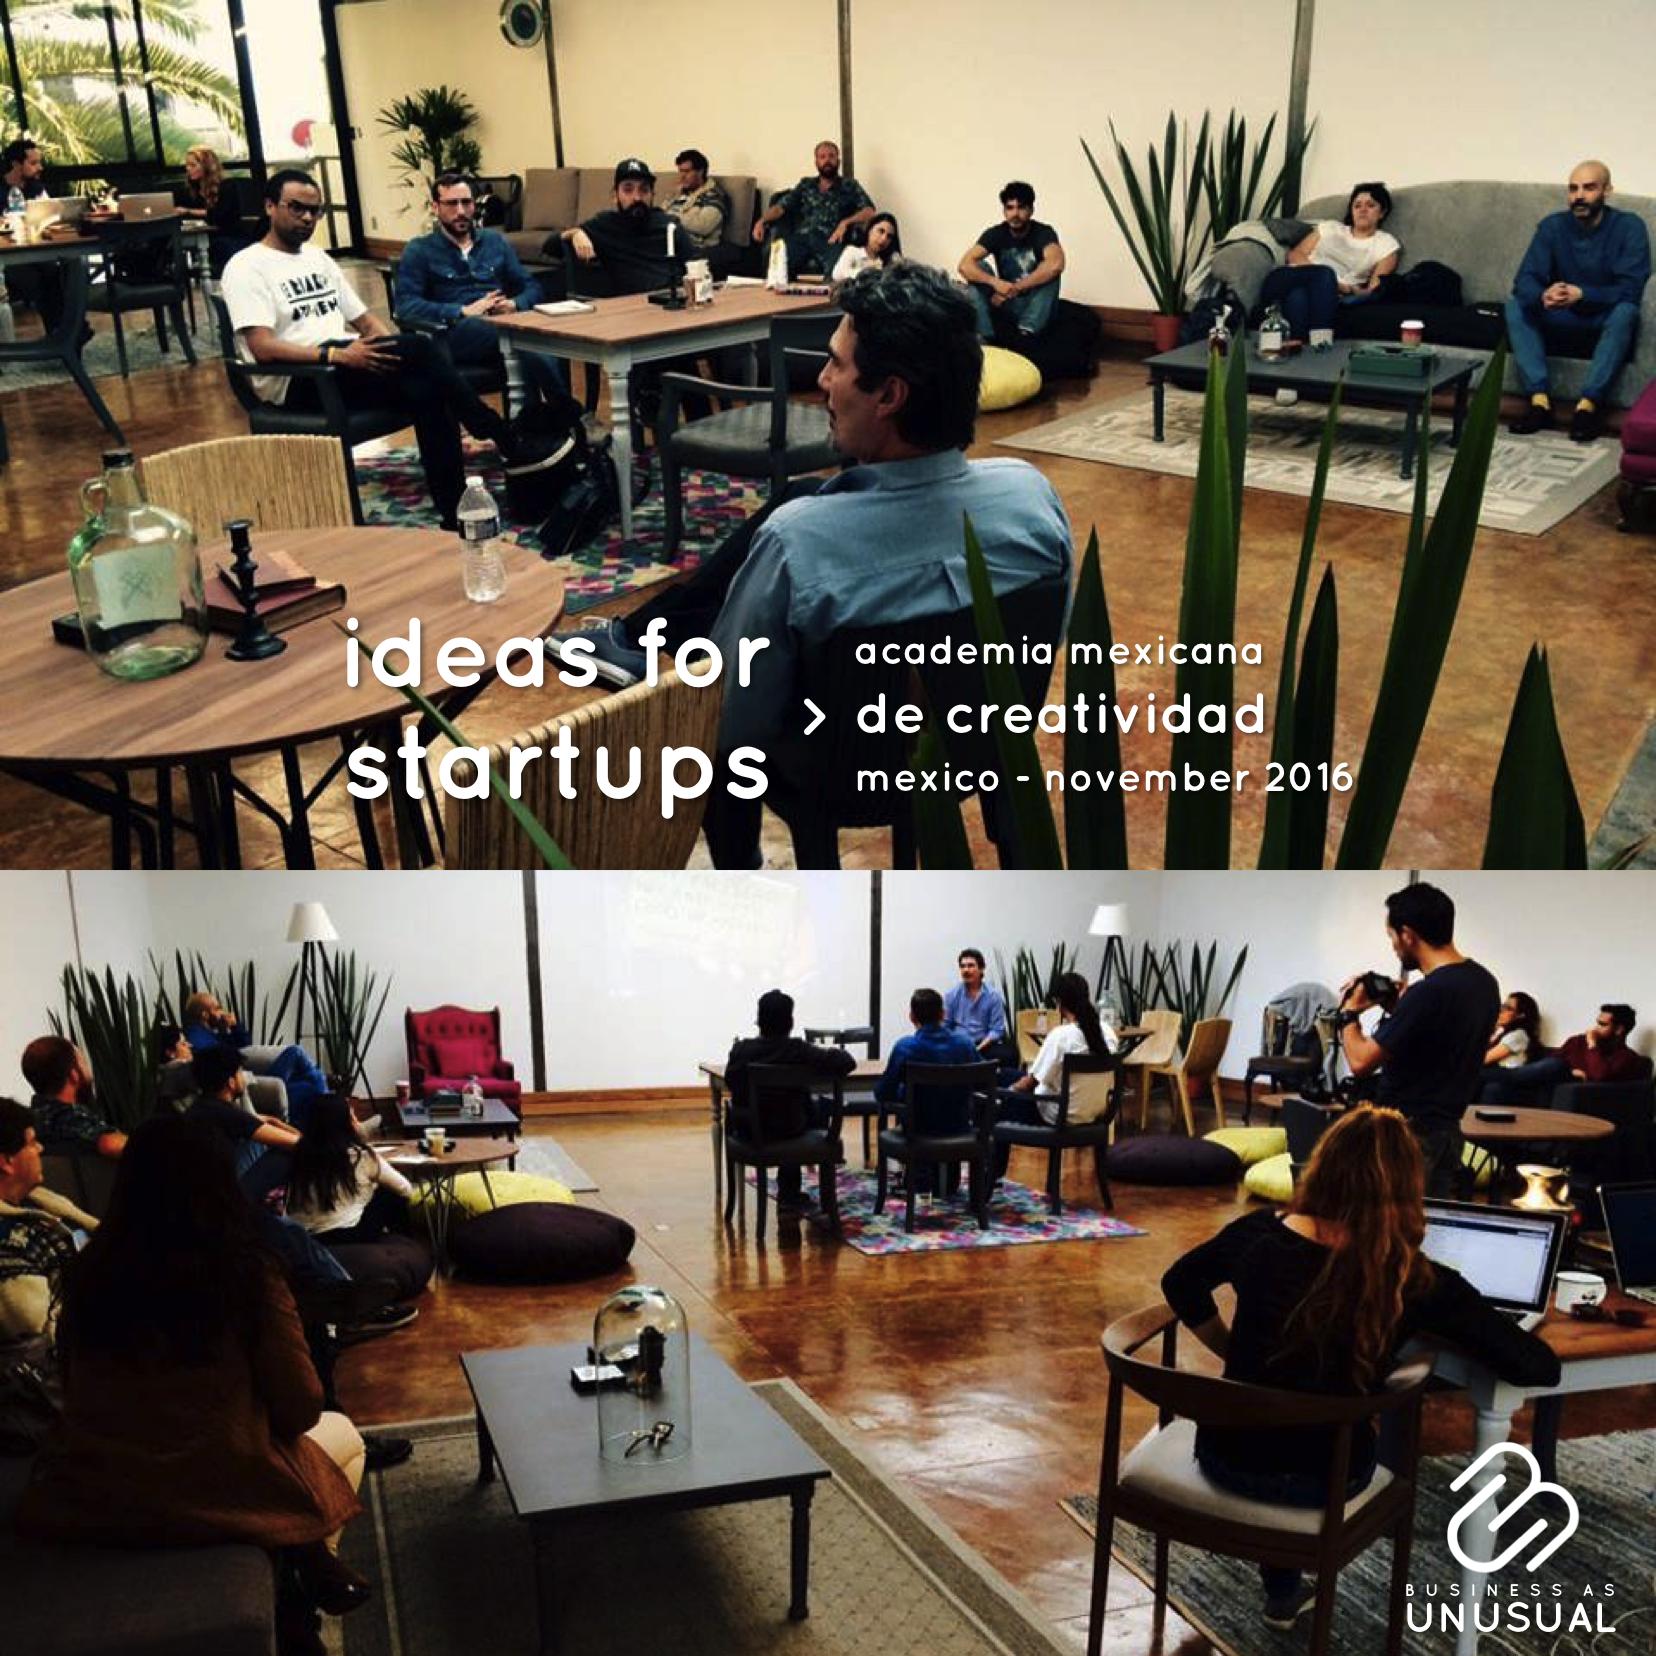 Academia Mexicana de Creatividad - Ideas for Startups